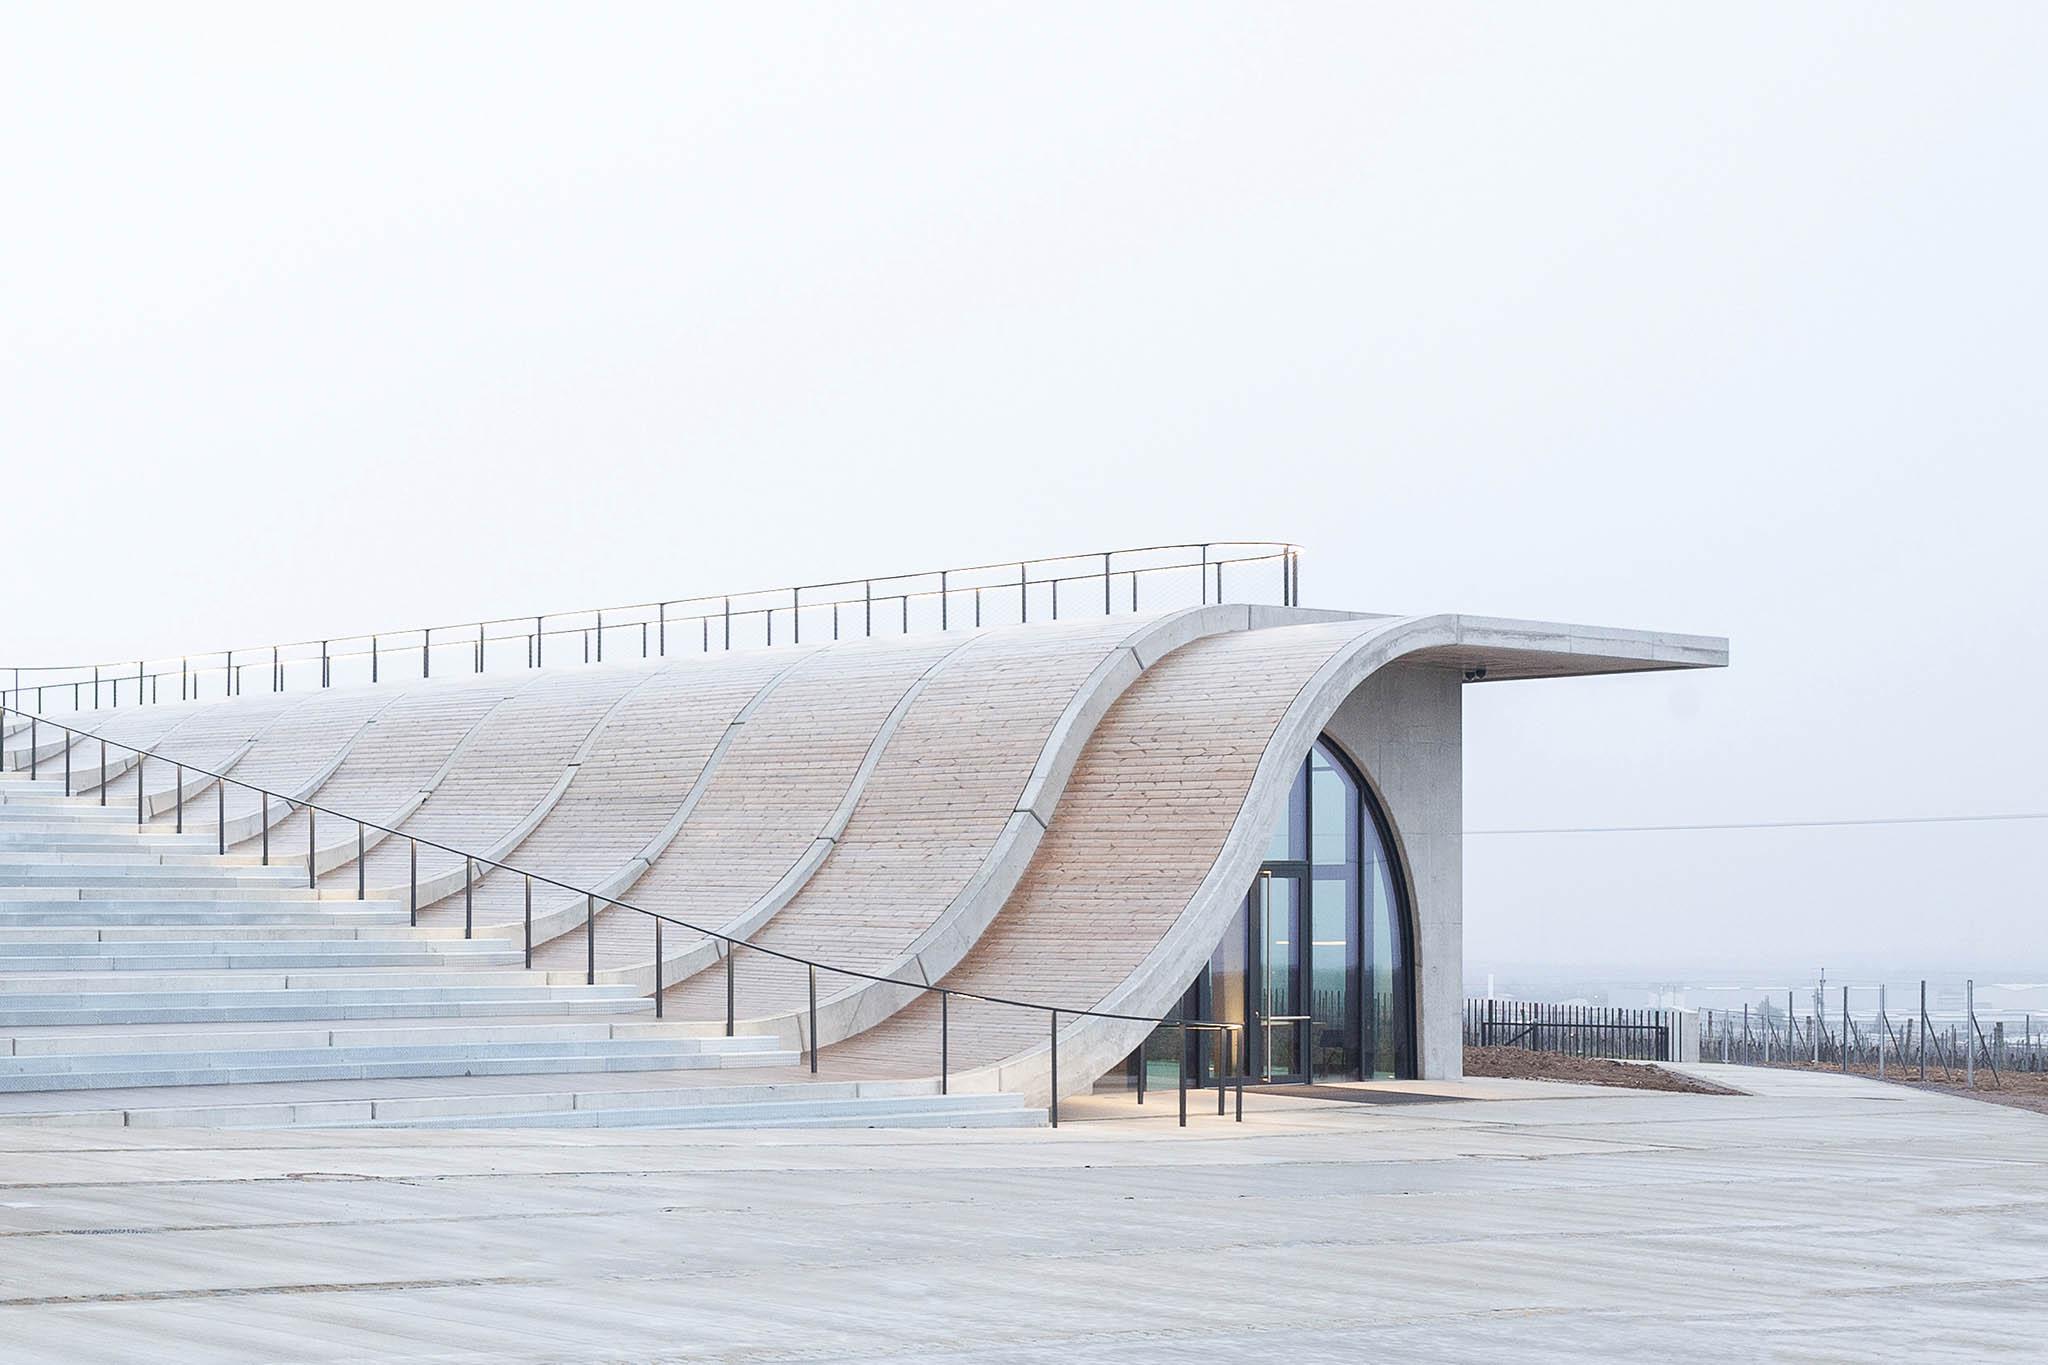 Nové centrum Vinařství Lahofer se nedávno otevřelo vevinici UHájku nedaleko Znojma.